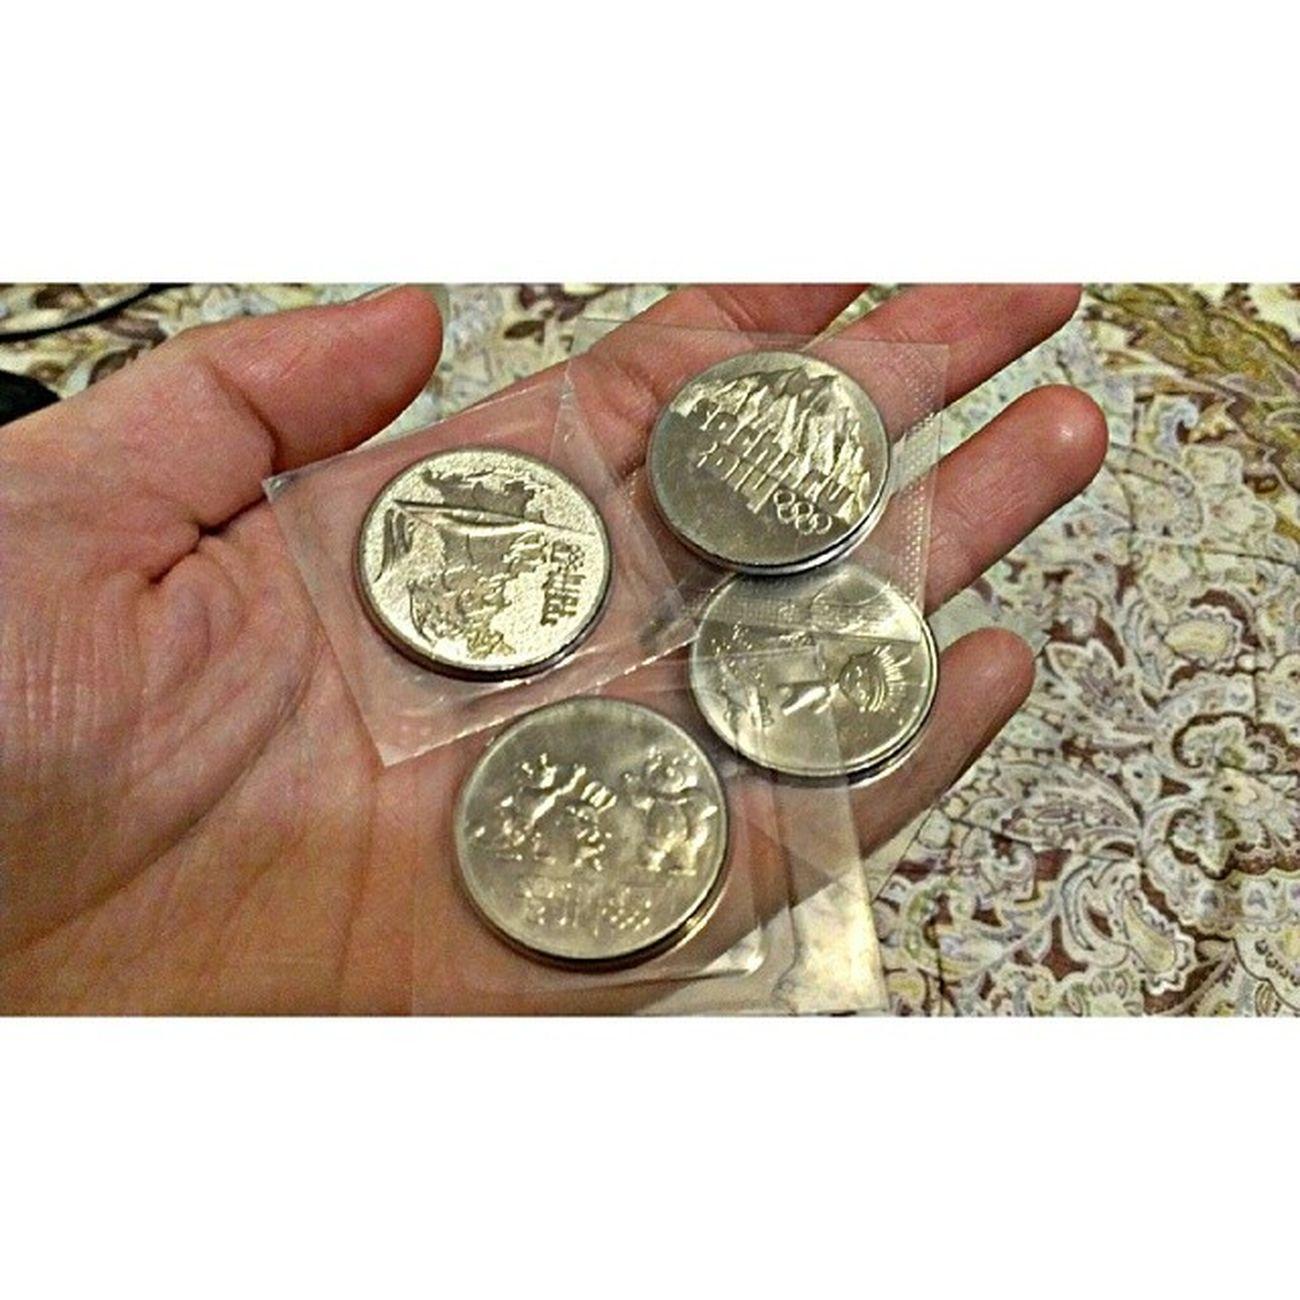 Сочинские монеты 25 рублей Sochi 2014